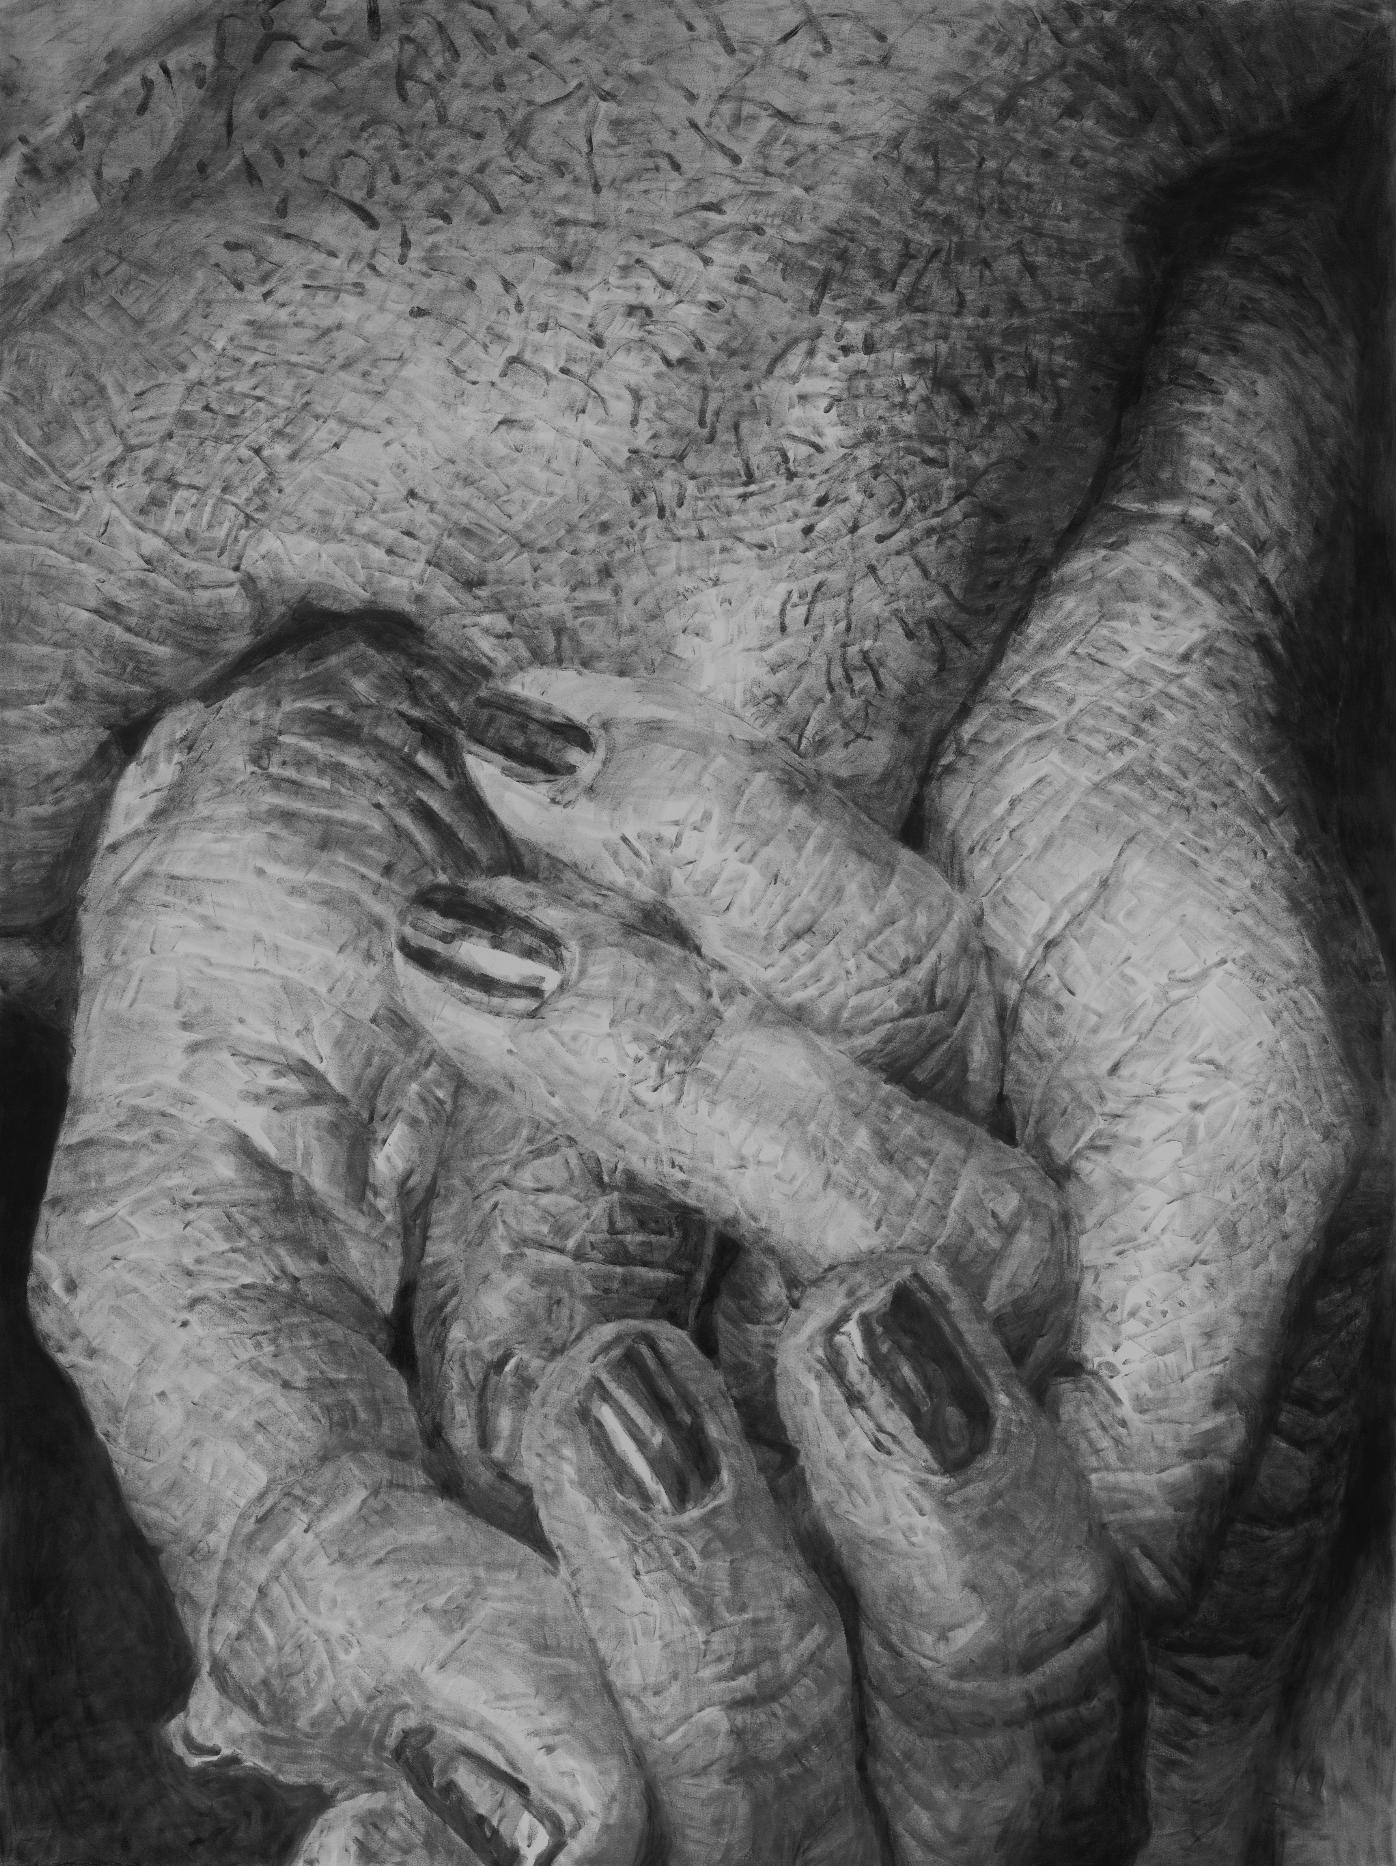 """Jérôme Zonder, """"Portrait de main 7"""", poudre de graphite et poudre de fusain sur papier, 200x150 cm, 2018."""